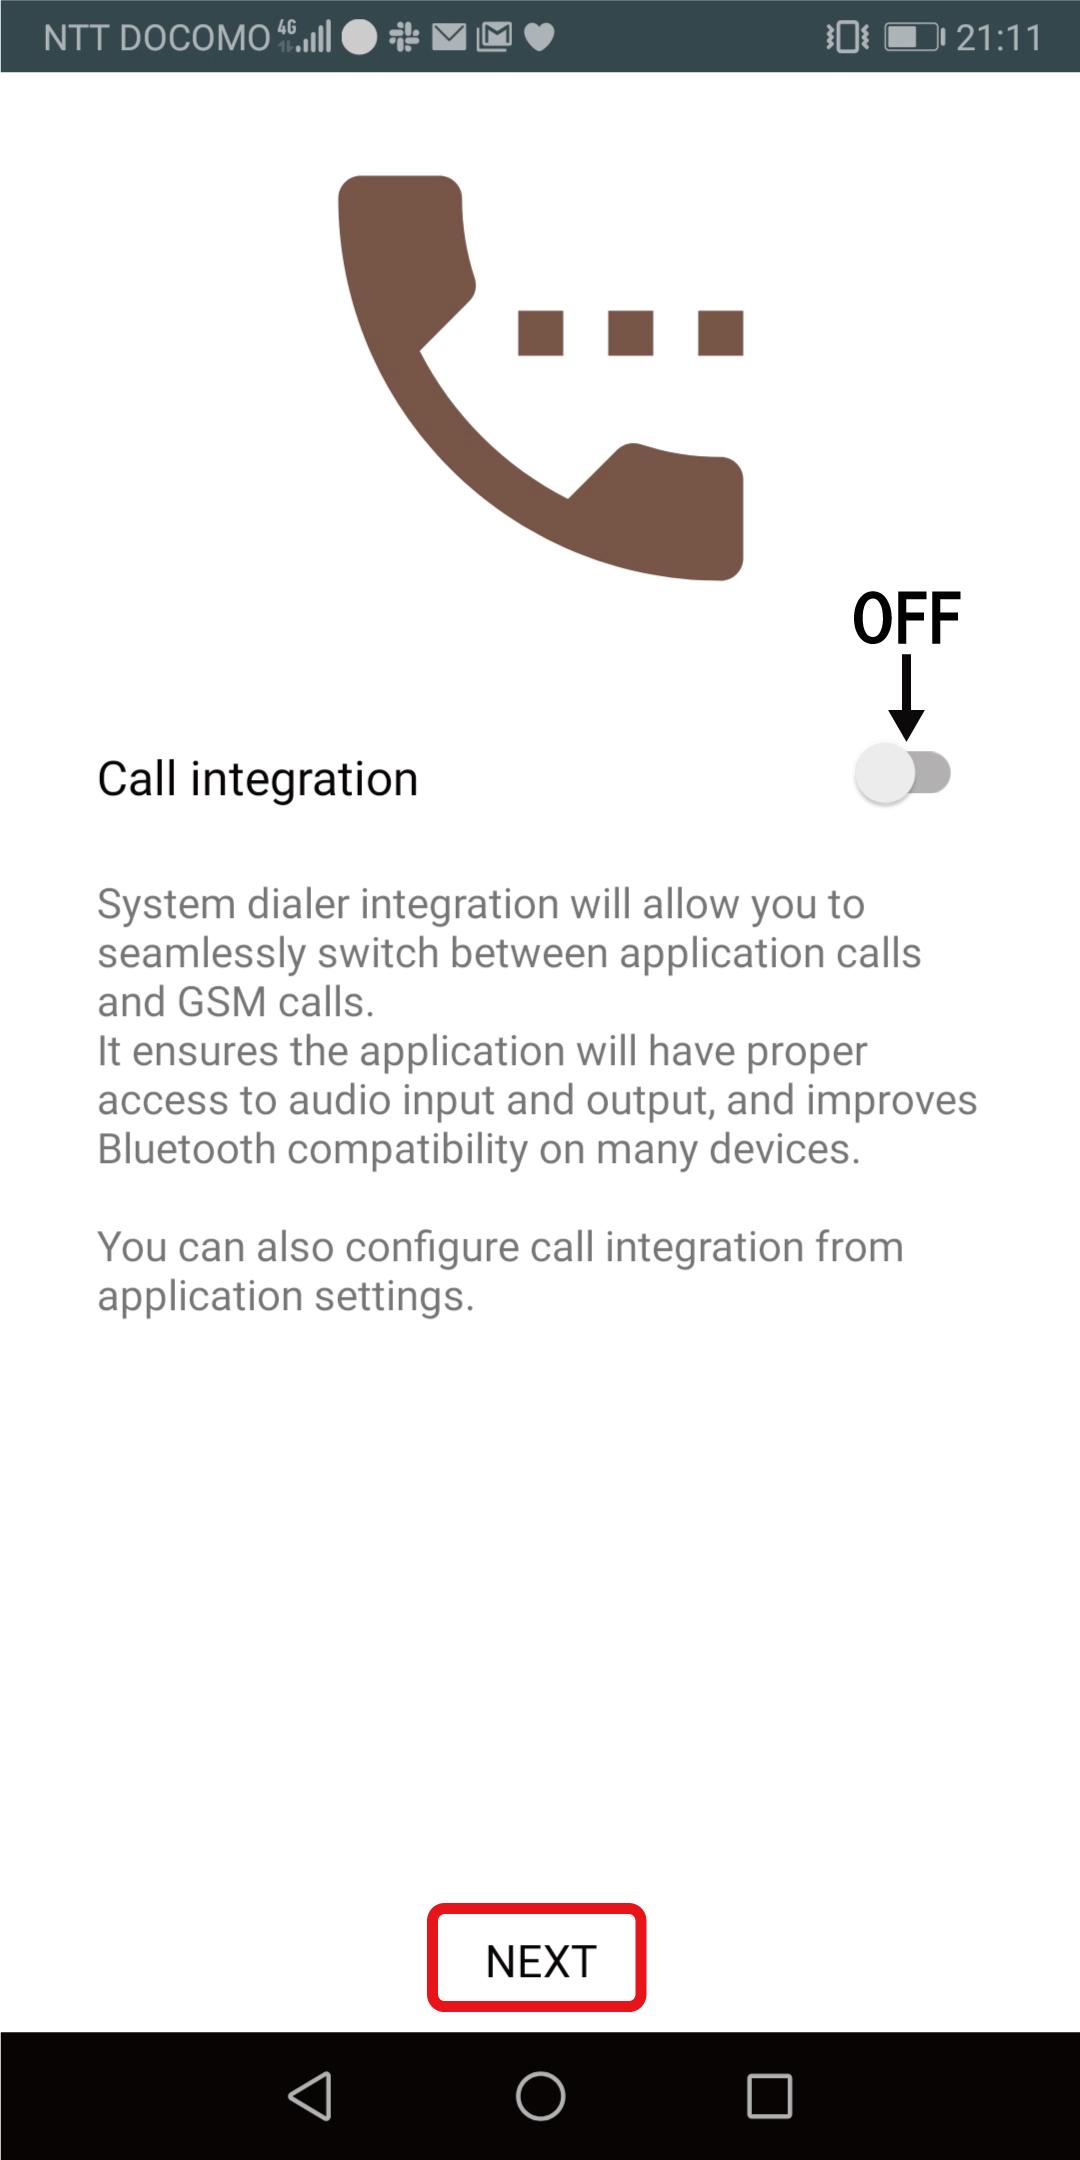 アクロビッツソフトフォンの電話キーパッドに戻った時の画面